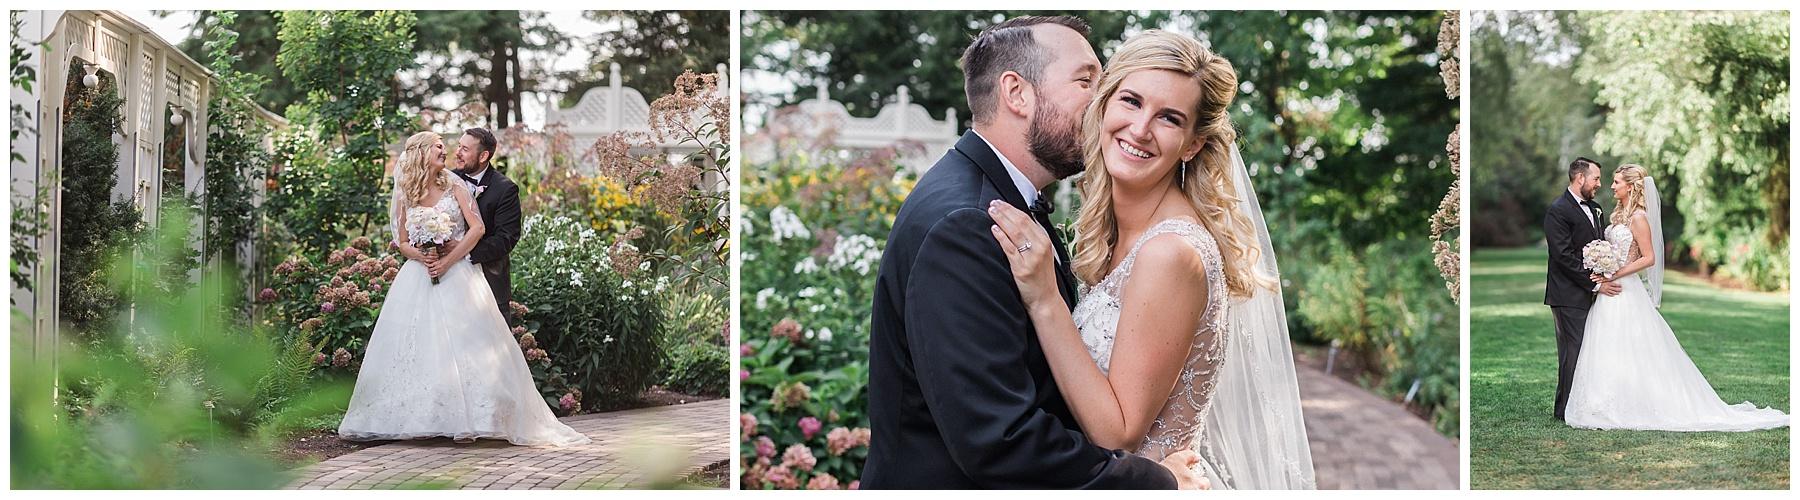 Country Club Wedding_Avalon Inn_L.A.R. Weddings_Lindsey Ramdin